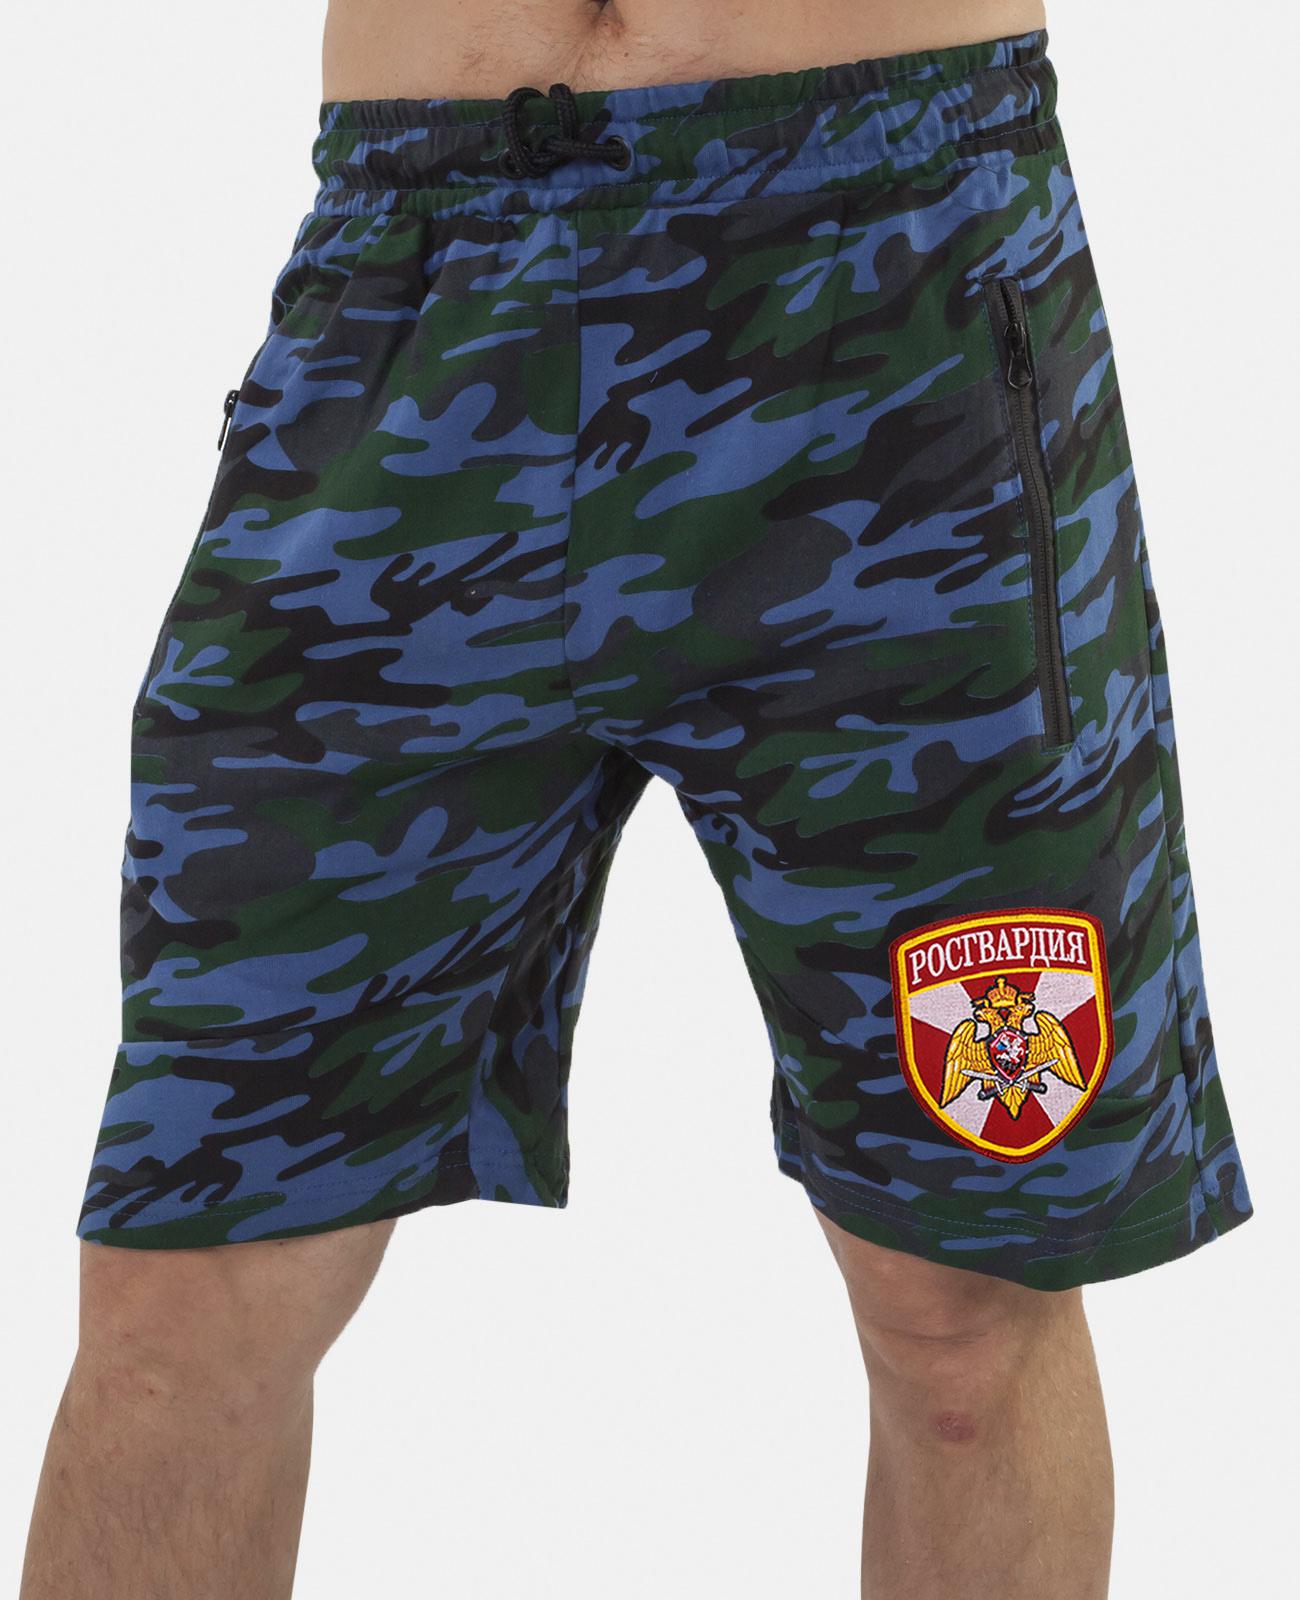 Купить мужские камуфляжные шорты с нашивкой Росгвардия в подарок мужчине